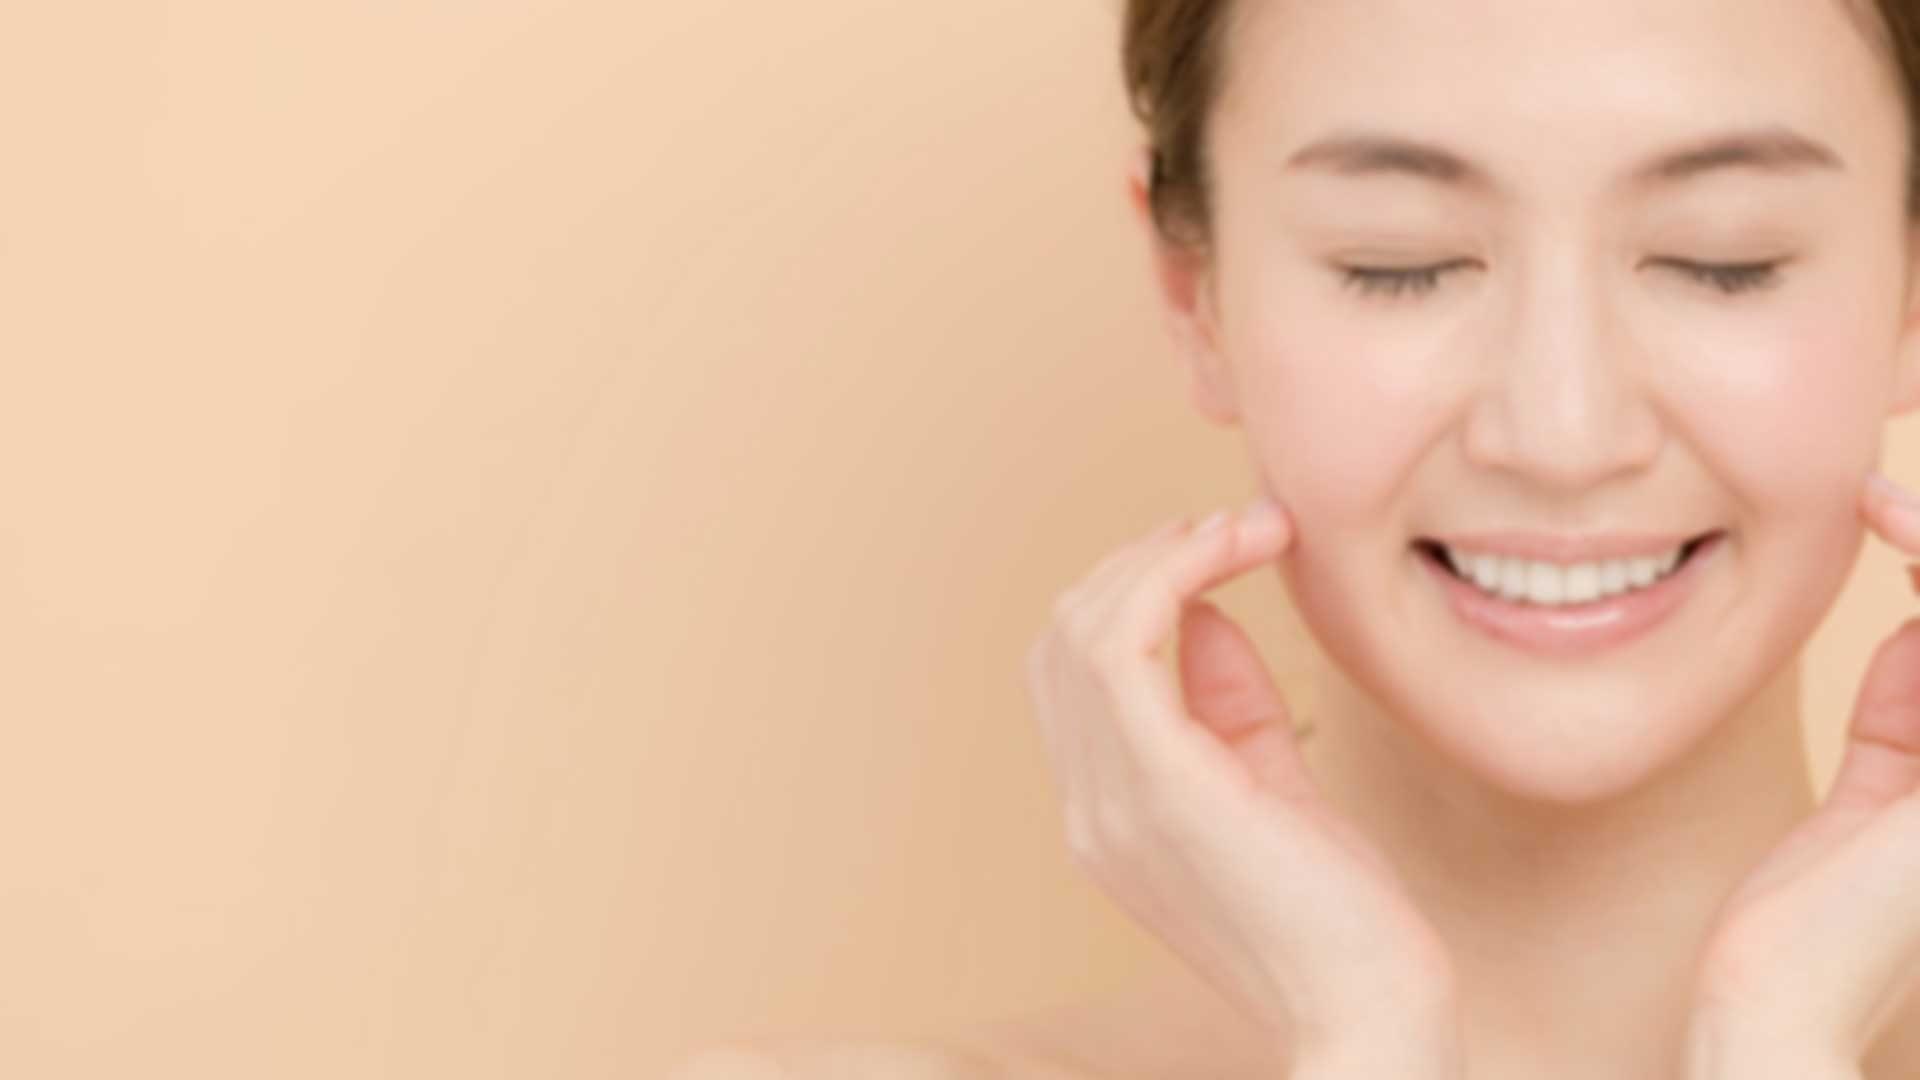 マッサージピール(PRX-T)は皮膚を剥離させずに、皮膚のより深層にある真皮細胞に働きかけ、表皮再生を活性化させる治療方法です。